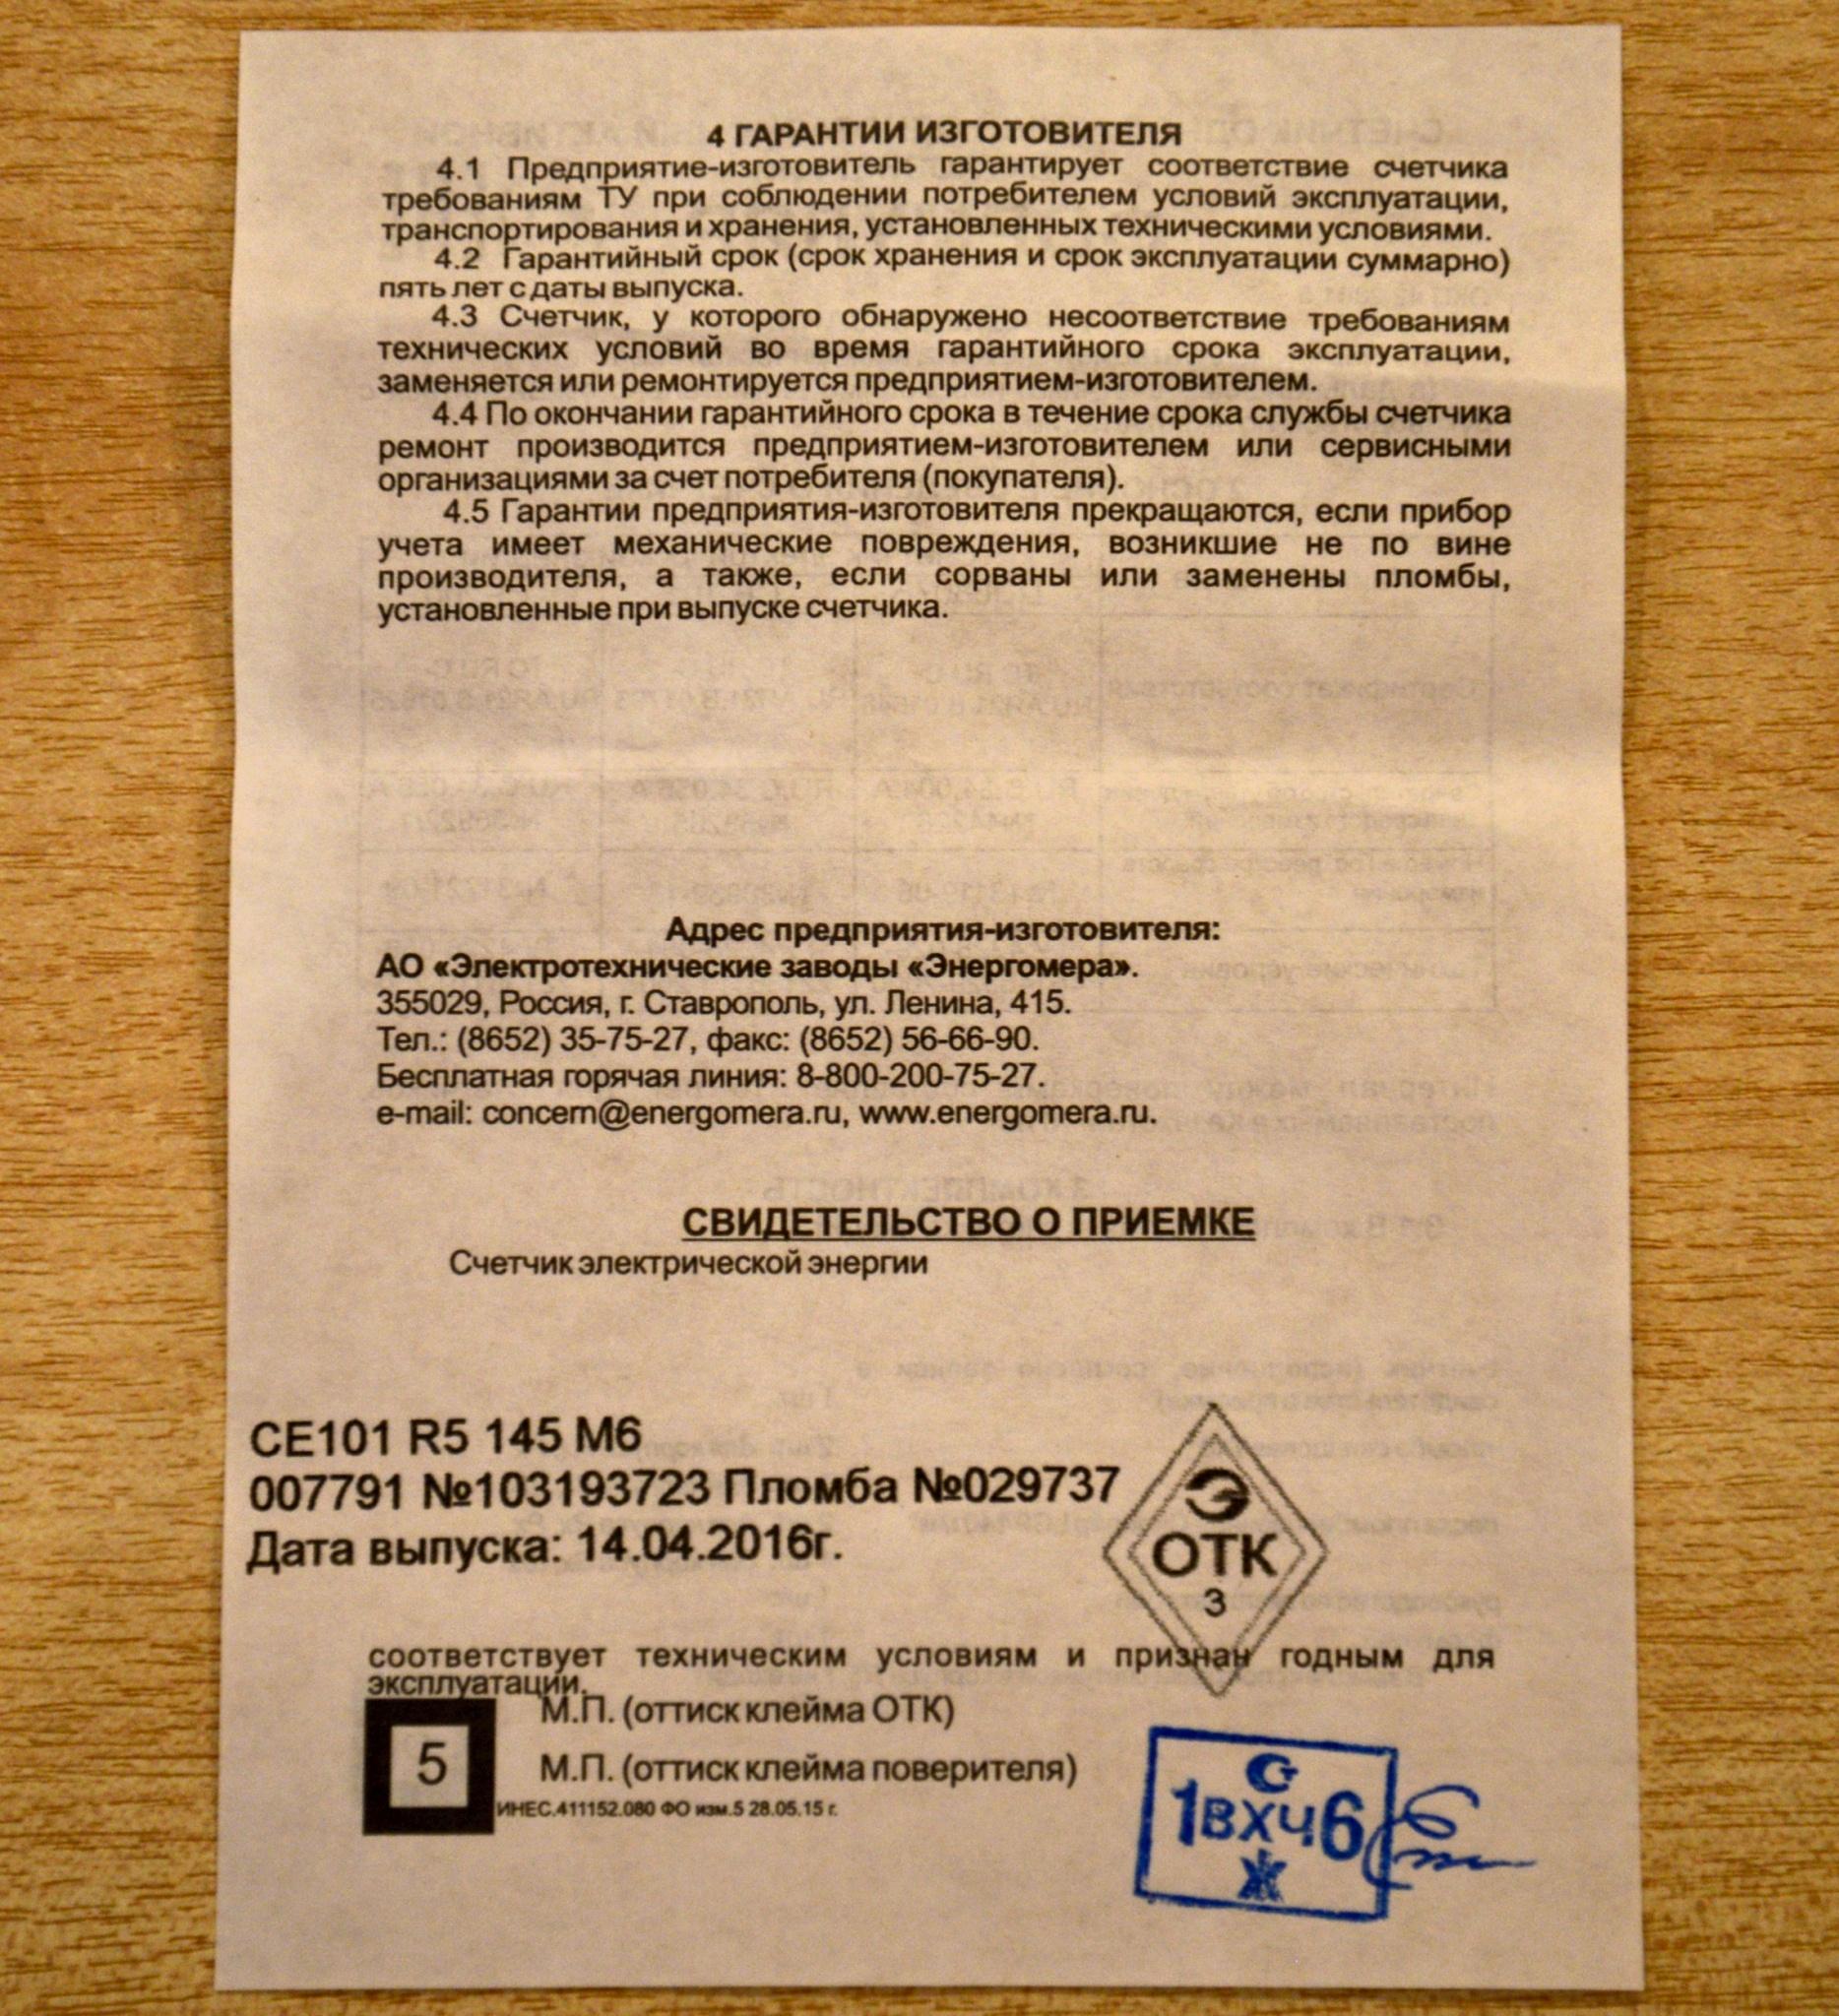 Схема подключения счетчика электроэнергии се 101 r5